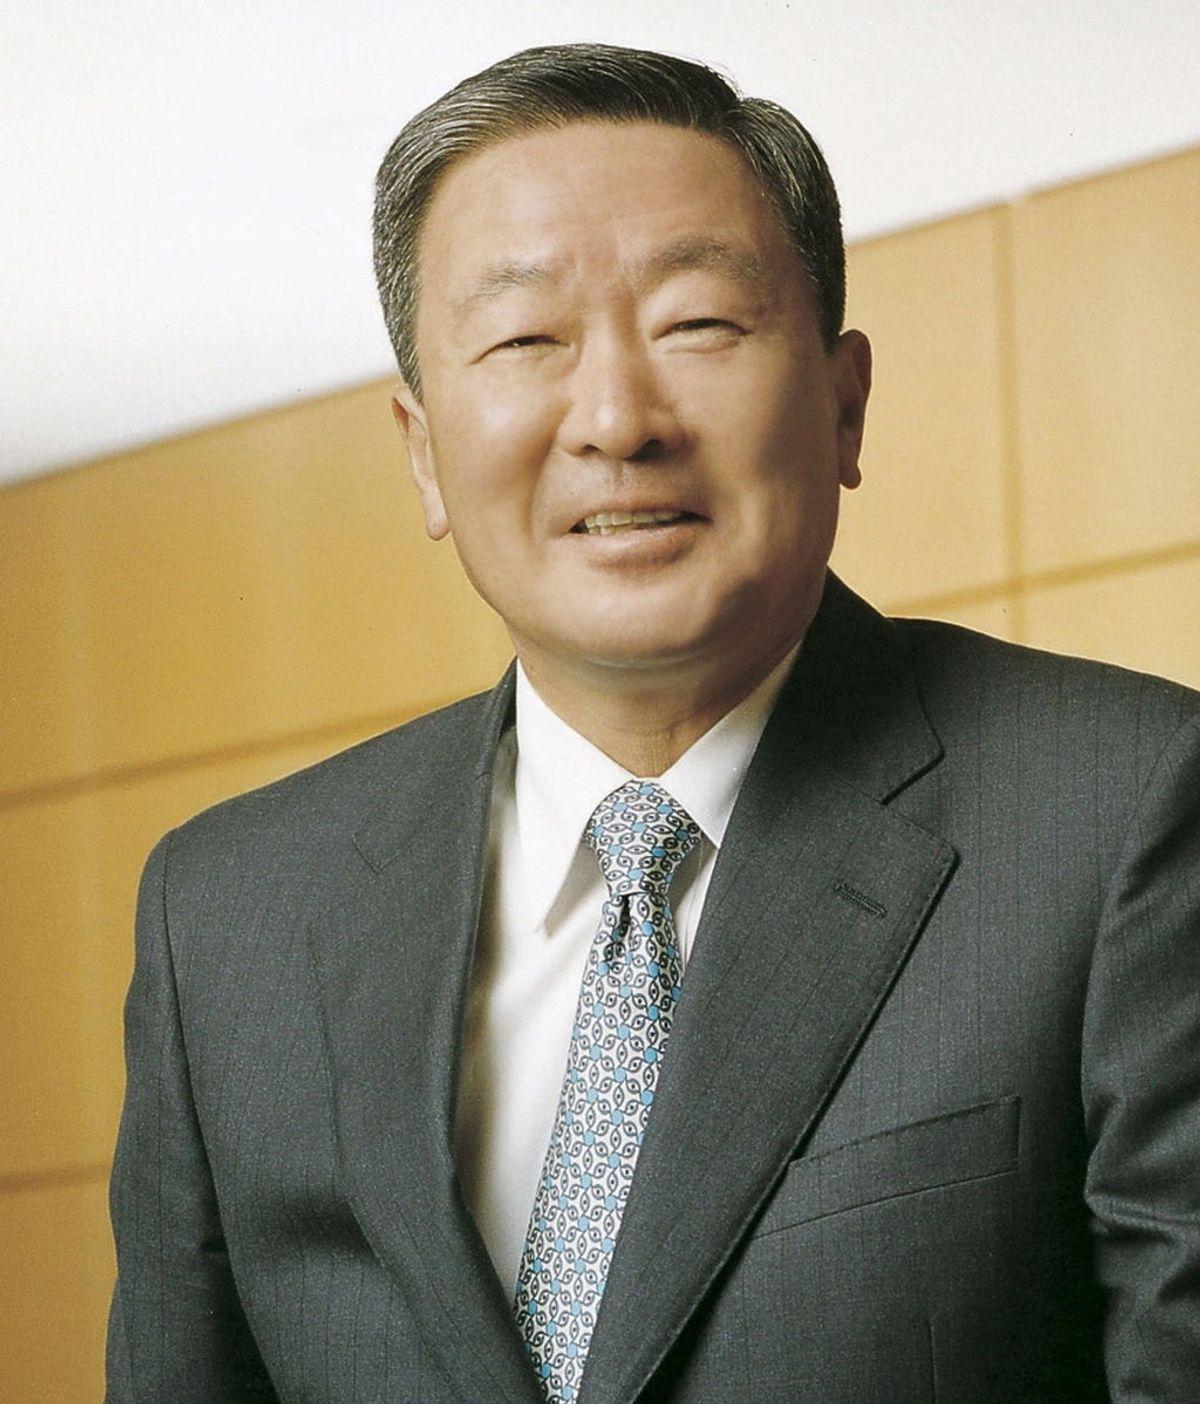 Muere Koo Bon Moo, el presidente de la multinacional LG